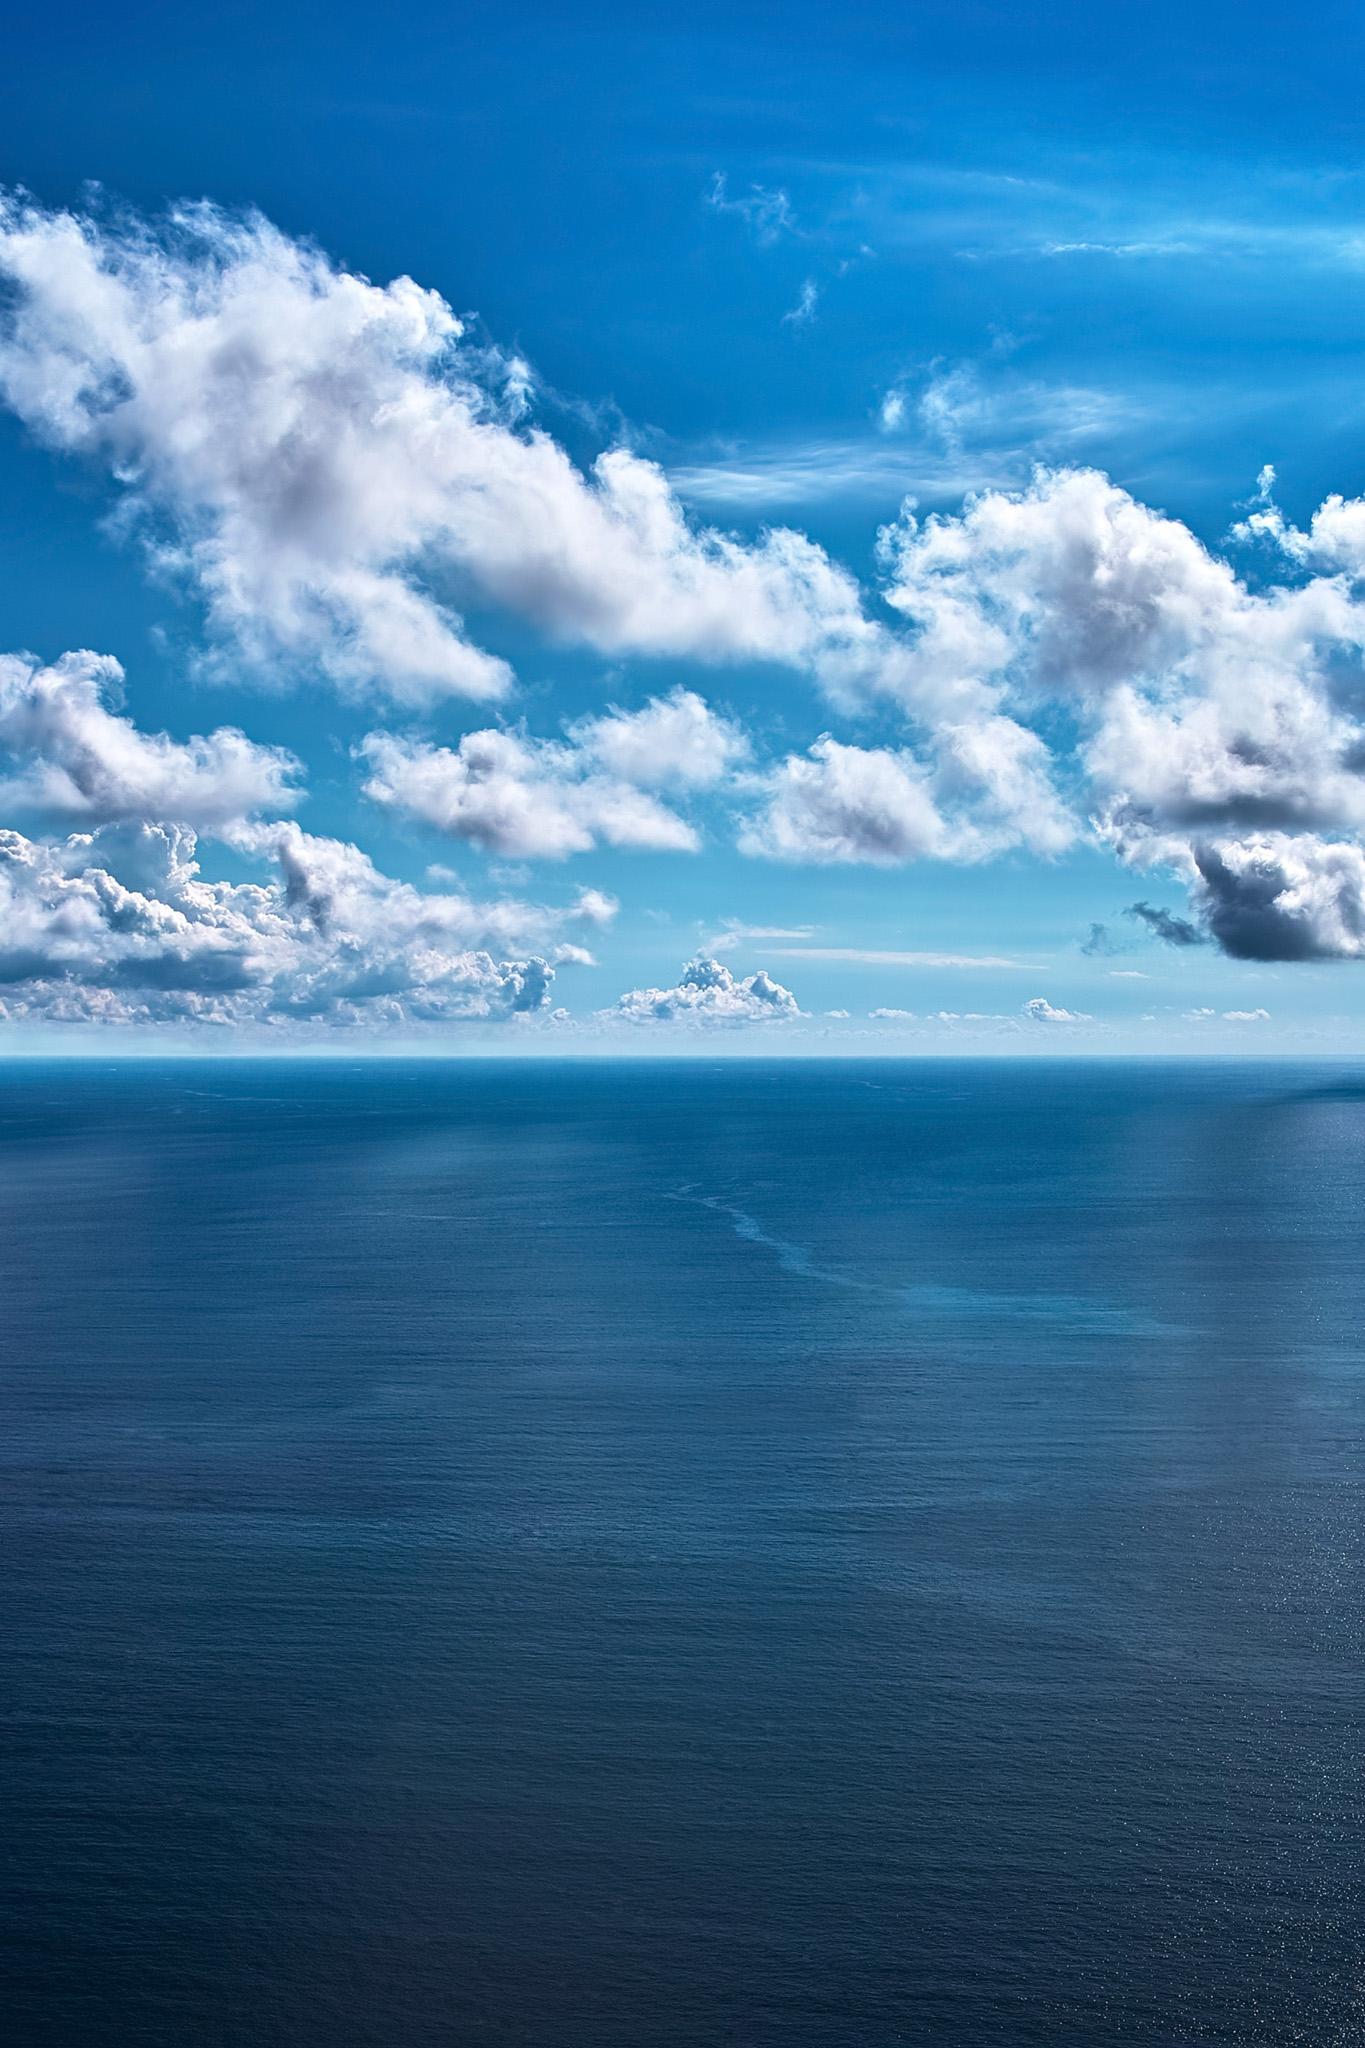 「紺碧の海面に映る空と雲」